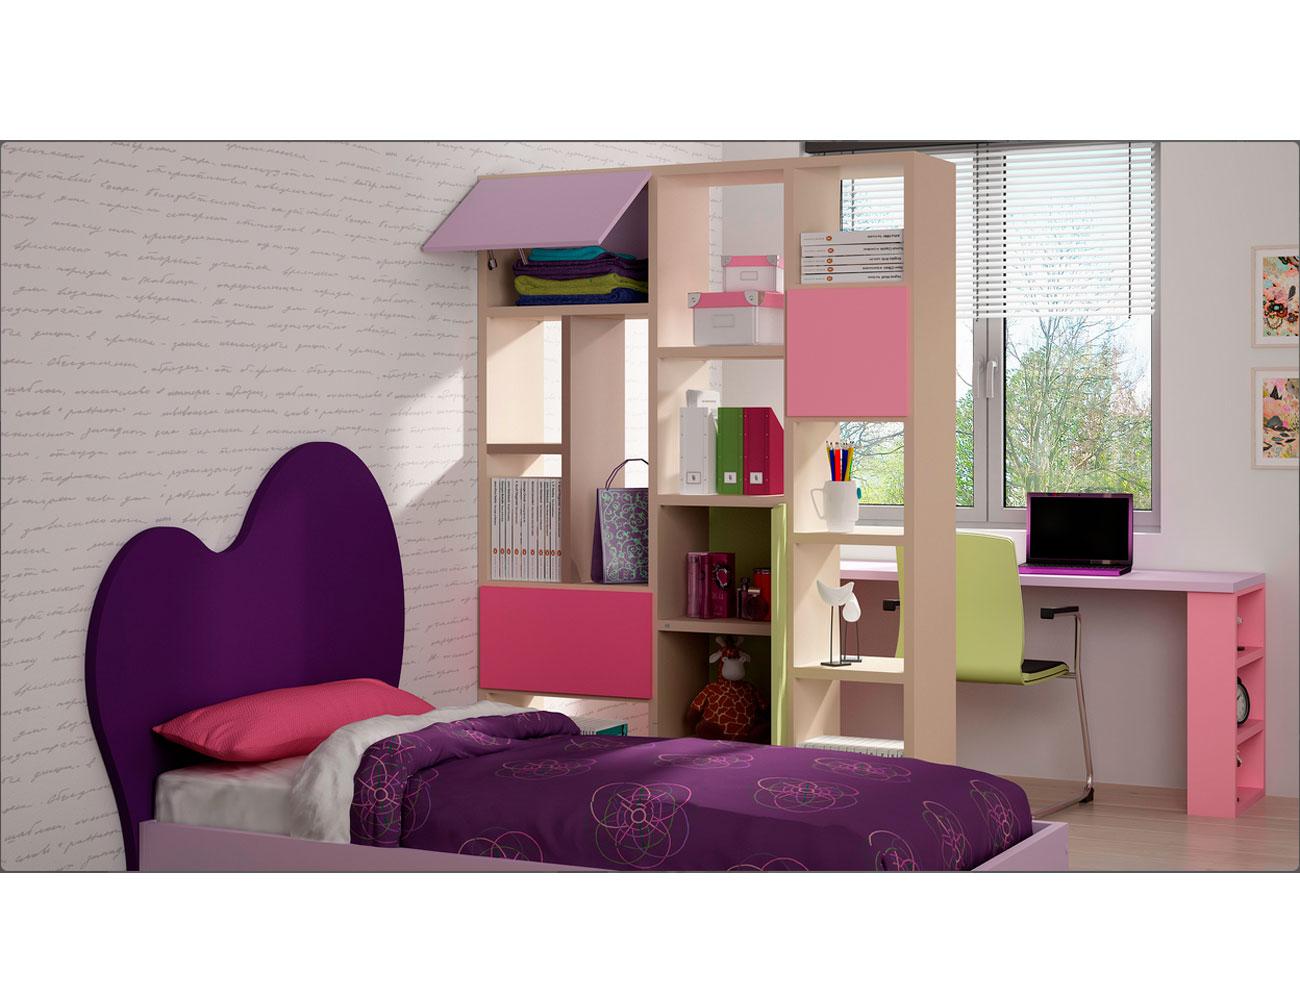 Dormitorio juvenil con cama cloud con separador de ambiente 13199 factory del mueble utrera - Muebles utrera ...